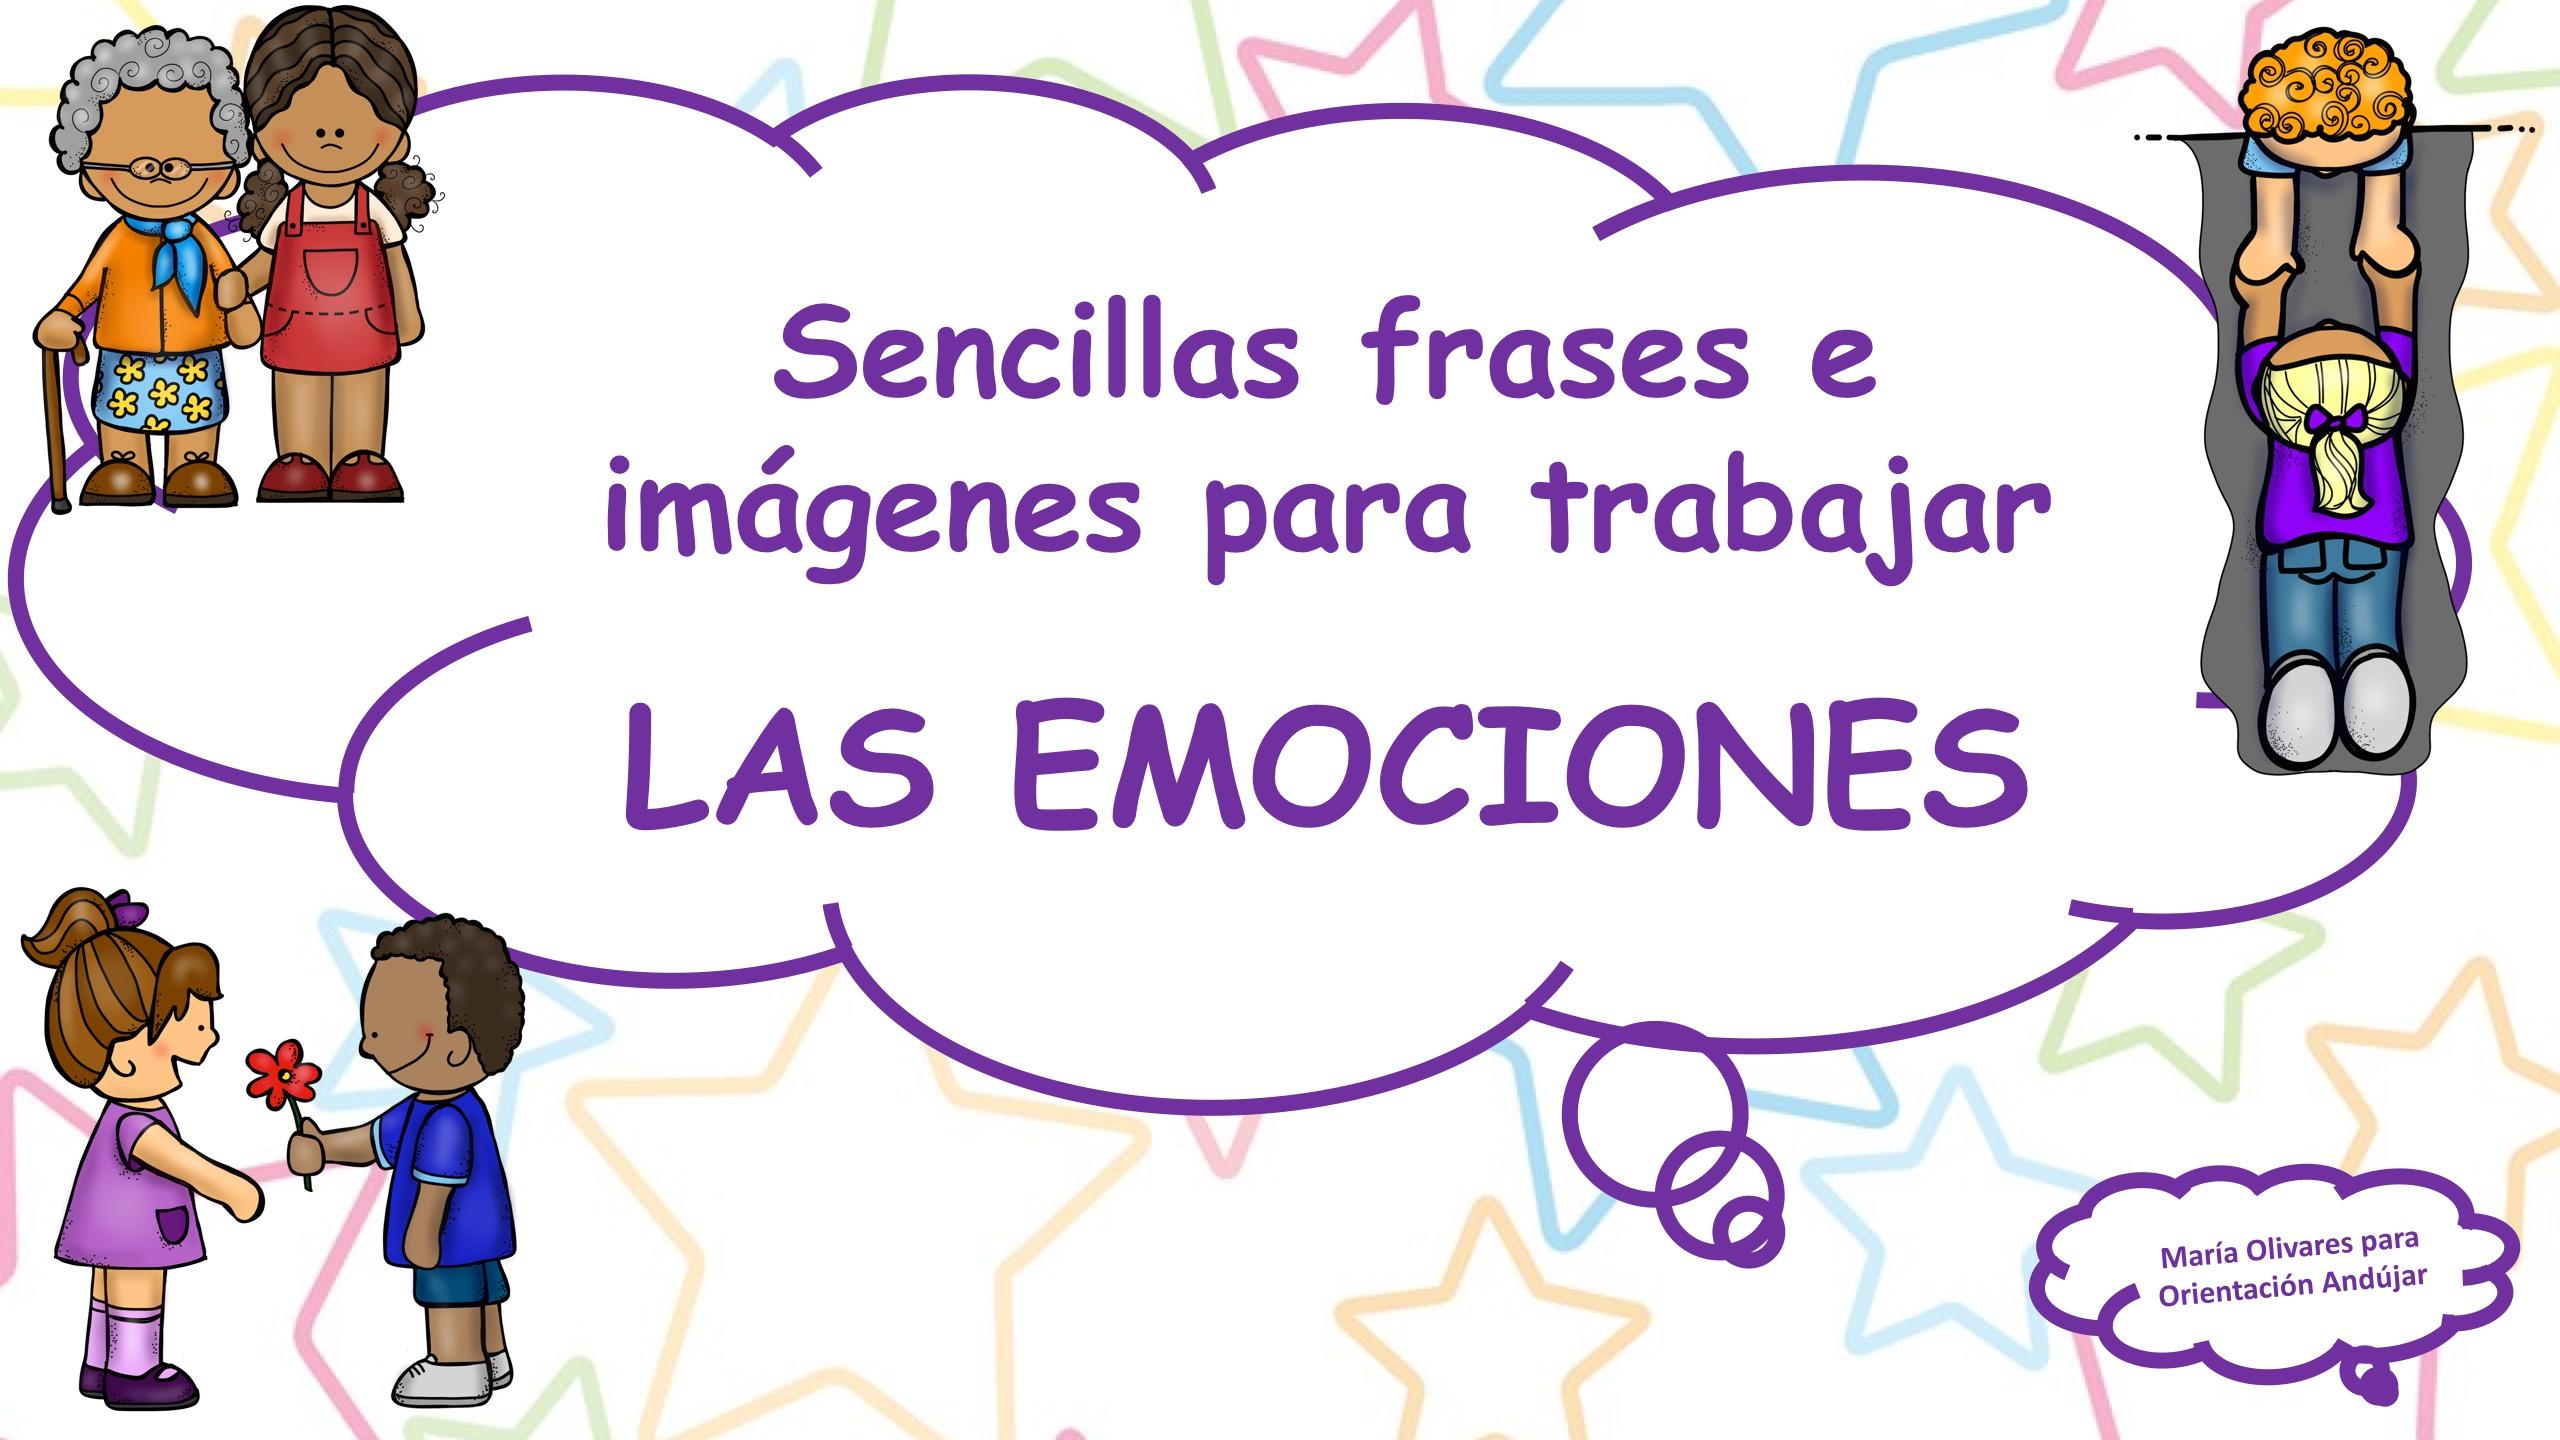 Sencillas frases e imágenes para trabajar LAS EMOCIONES -Orientacion ...